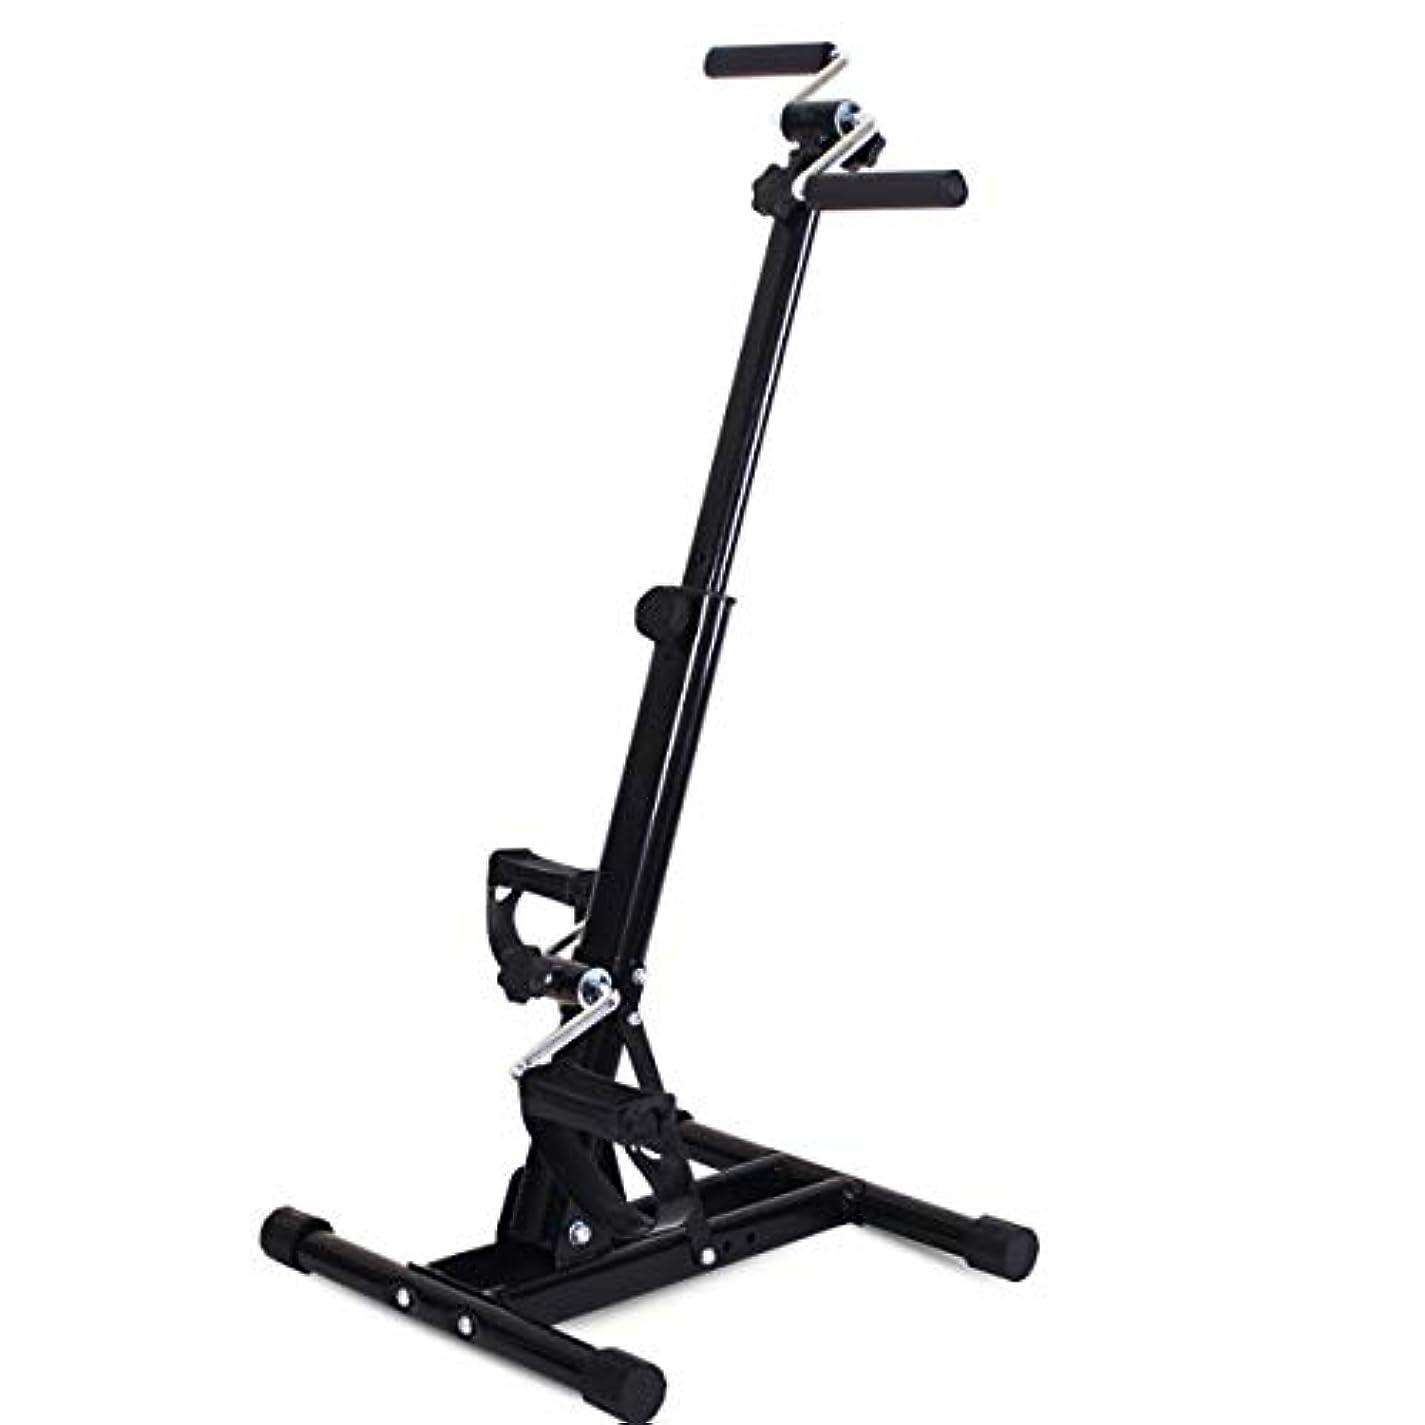 合体不運広告する高齢者リハビリテーション訓練自転車、ホームレッグアームペダルエクササイザー、上肢および下肢のトレーニング機器、ホーム理学療法フィットネストレーニング,A